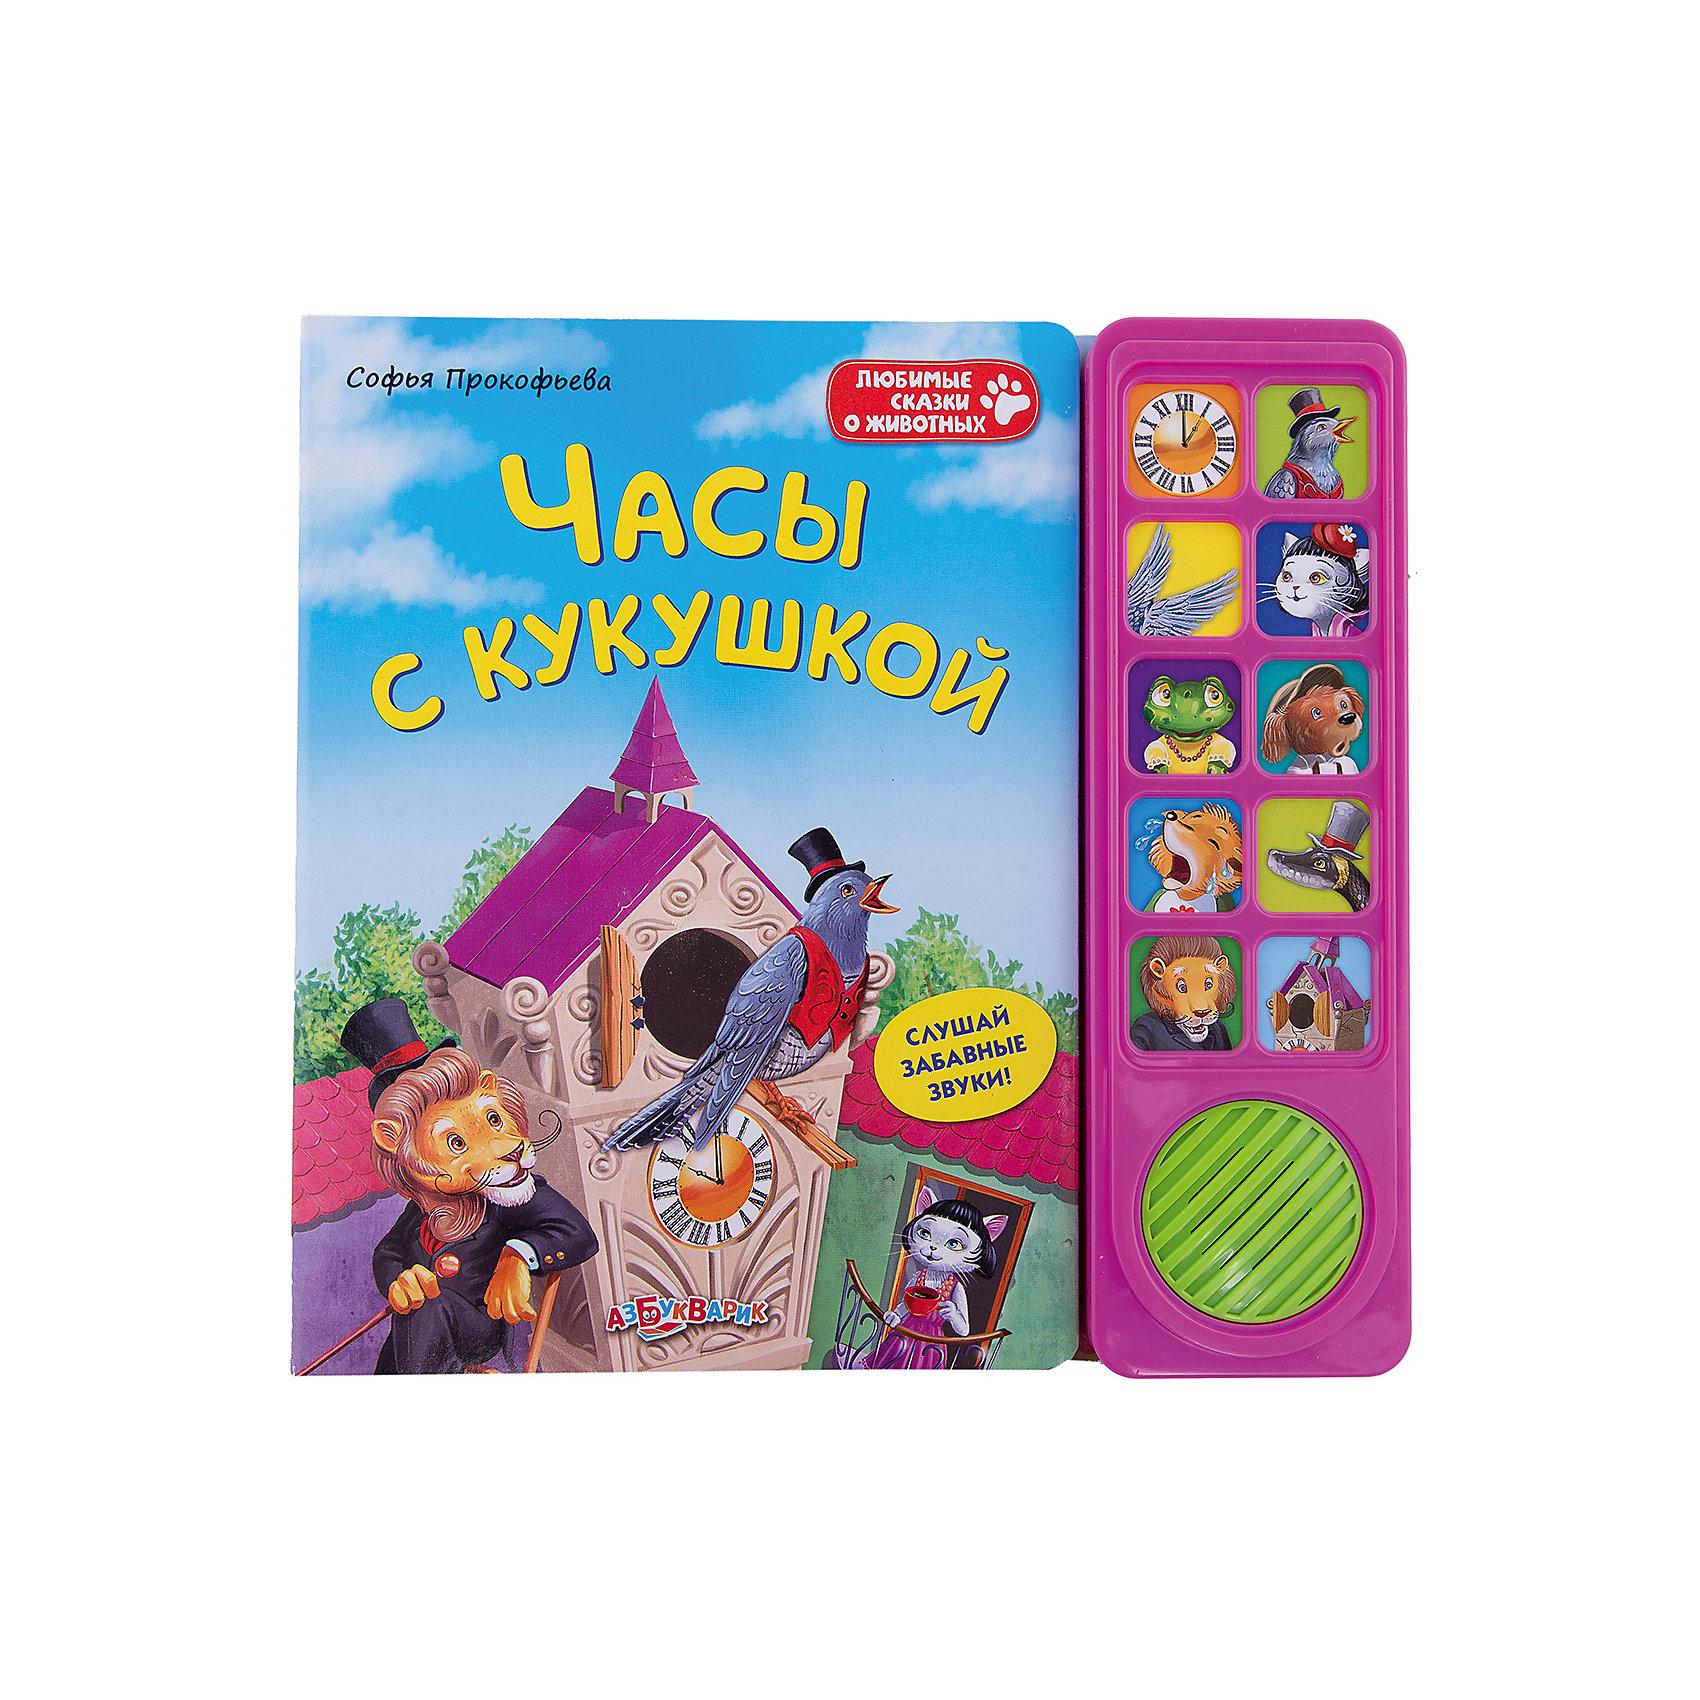 Книга со звуковым модулем Часы с кукушкойМузыкальные книги<br>Эта книжка обязательно понравится всем малышам! Рассматривай яркие картинки, читай увлекательную сказку, нажимай на кнопочки слушай голоса животных и другие забавные звуки.<br>Плотная обложка и картонные страницы идеально подойдут даже для самых юных и активных читателей. <br><br>Дополнительная информация:<br><br>- Формат: 24х23 см.<br>- Количество страниц: 10.<br>- Переплет: твердый.<br>- Иллюстрации: цветные.<br>- Плотные картонные страницы. <br>- Звуковой модуль. <br>- Элемент питания: батарейки (в комплекте). <br><br>Книгу со звуковым модулем Часы с кукушкой можно купить в нашем магазине.<br><br>Ширина мм: 24<br>Глубина мм: 23<br>Высота мм: 24<br>Вес г: 450<br>Возраст от месяцев: 24<br>Возраст до месяцев: 48<br>Пол: Унисекс<br>Возраст: Детский<br>SKU: 4951789